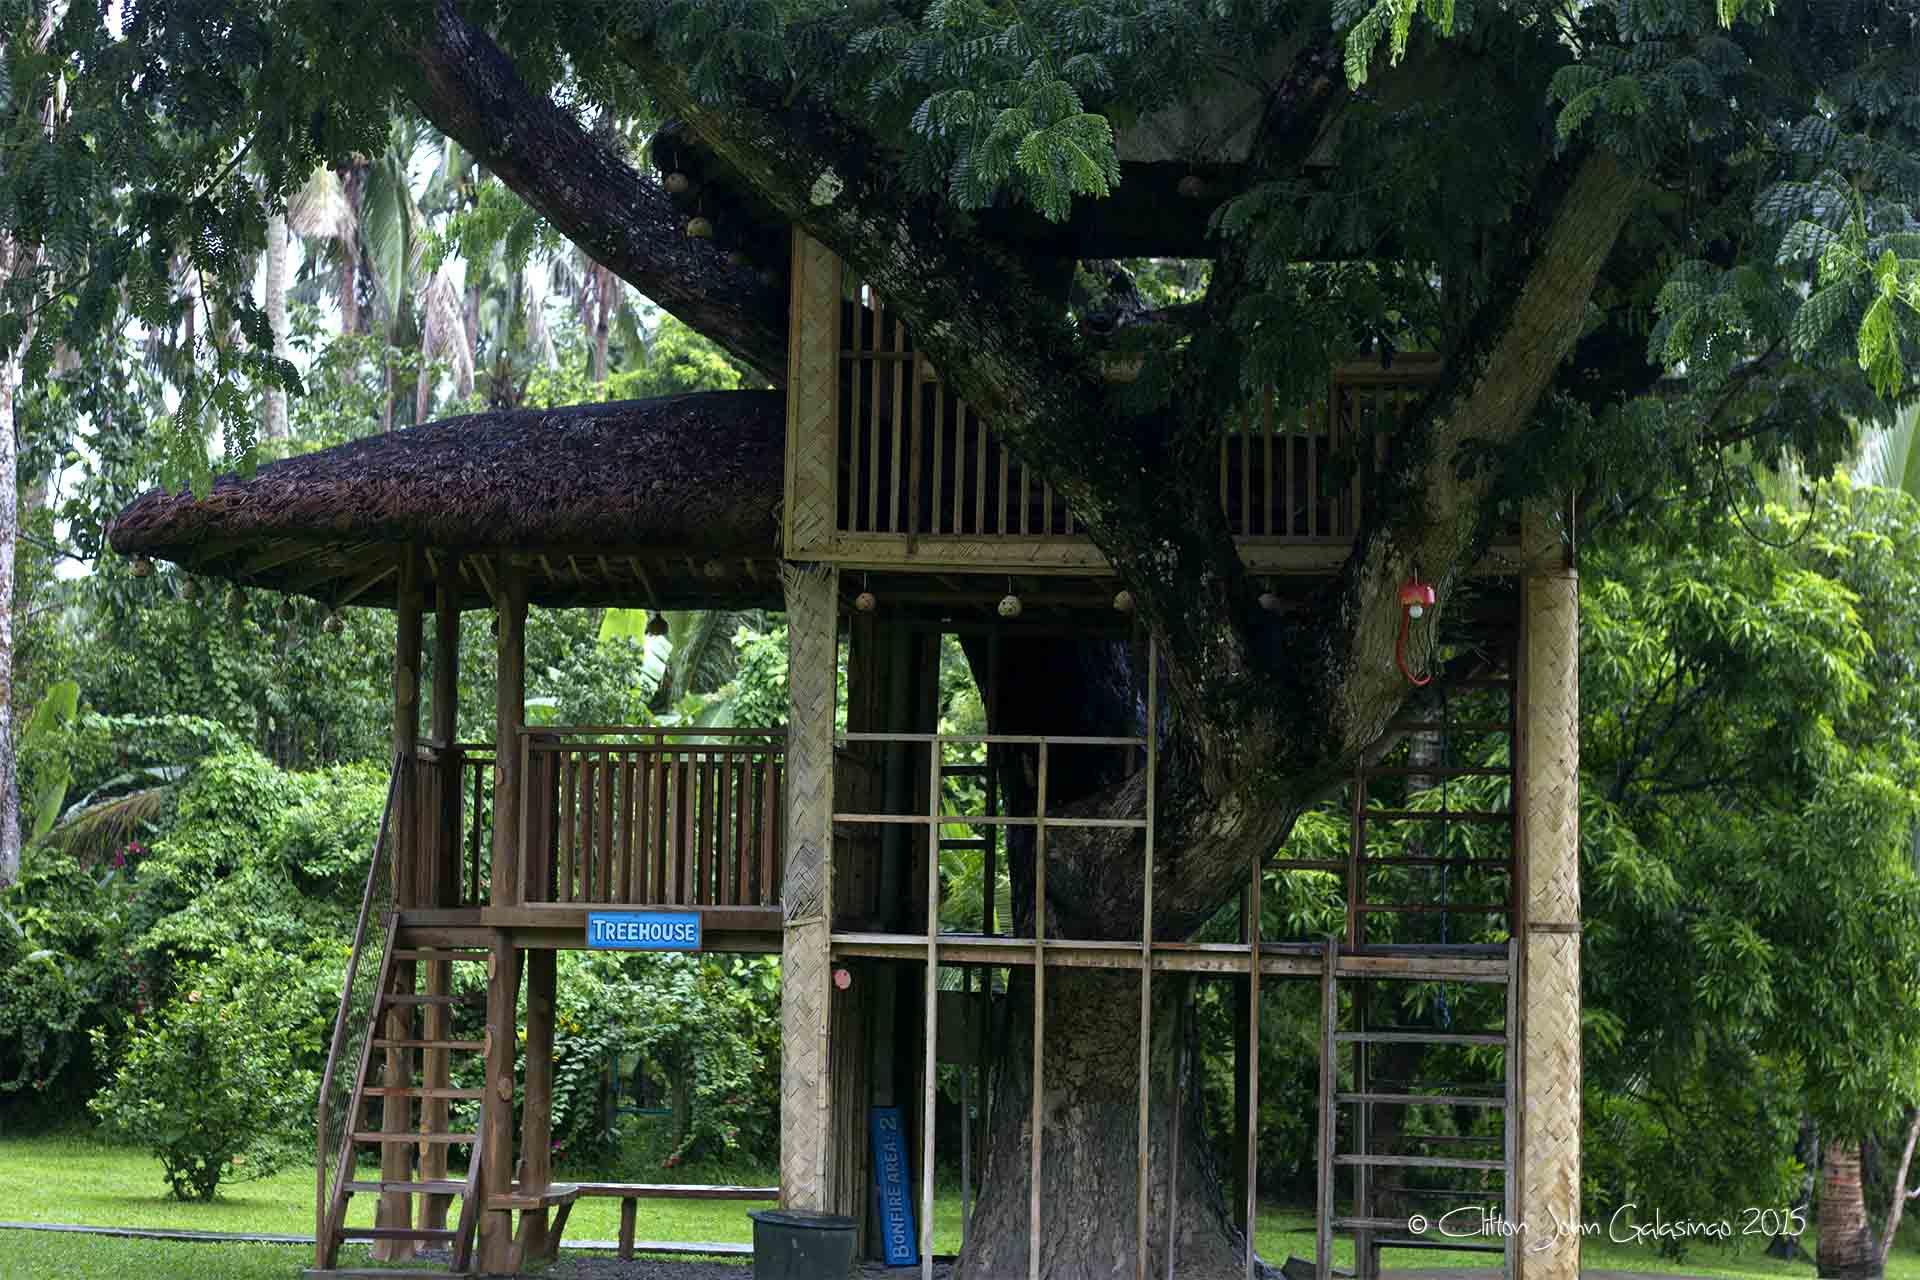 Upscale Tree House Rizal Center Tree House Pxels Tree Center Coupon Tree Center Location houzz-03 The Tree Center